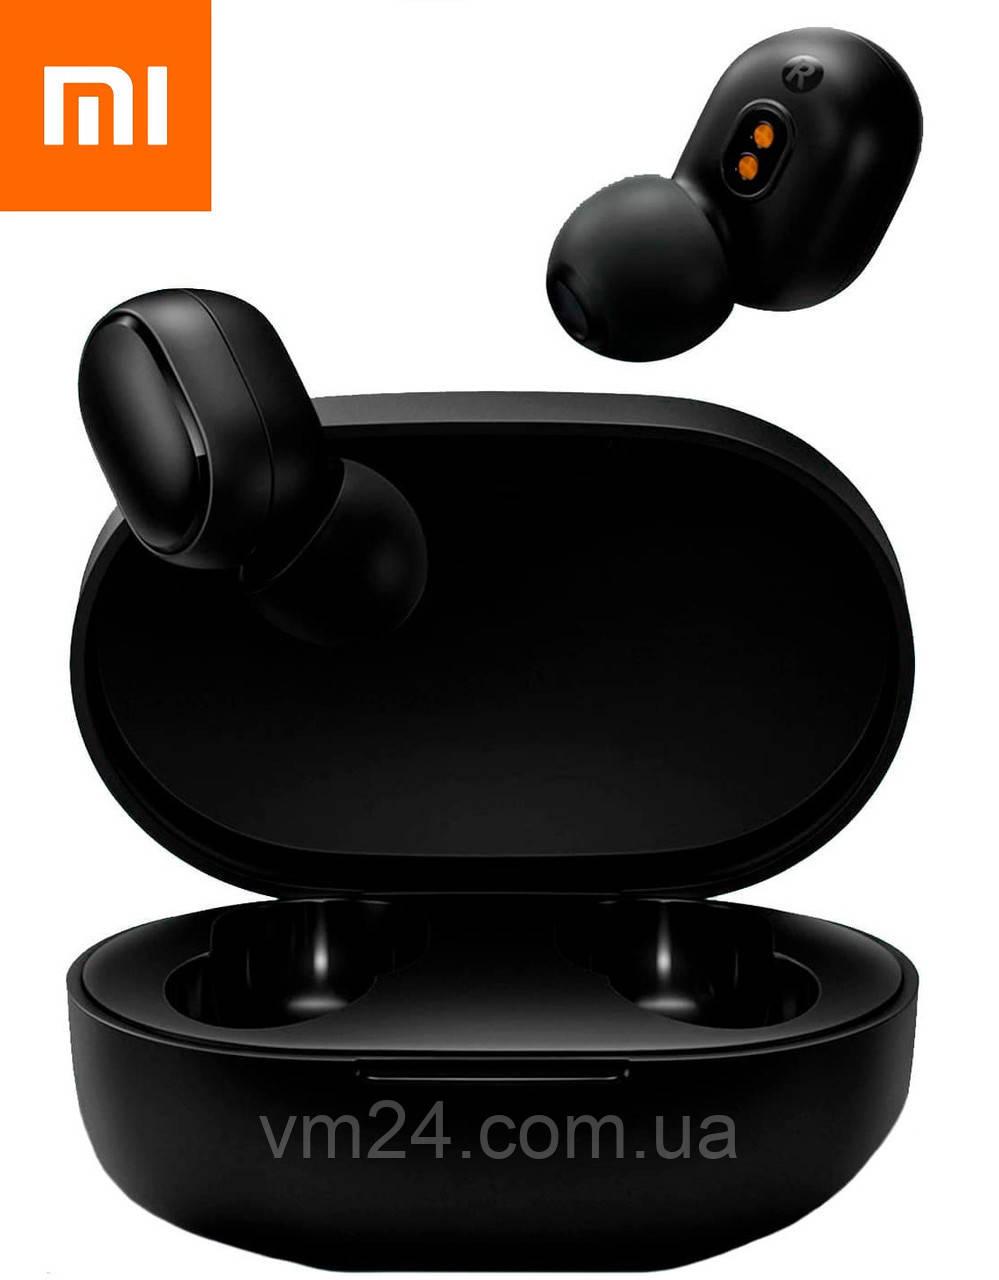 Беспроводные наушники Xiaomi Redmi AirDots 2 (Black) Global  черные международная верси